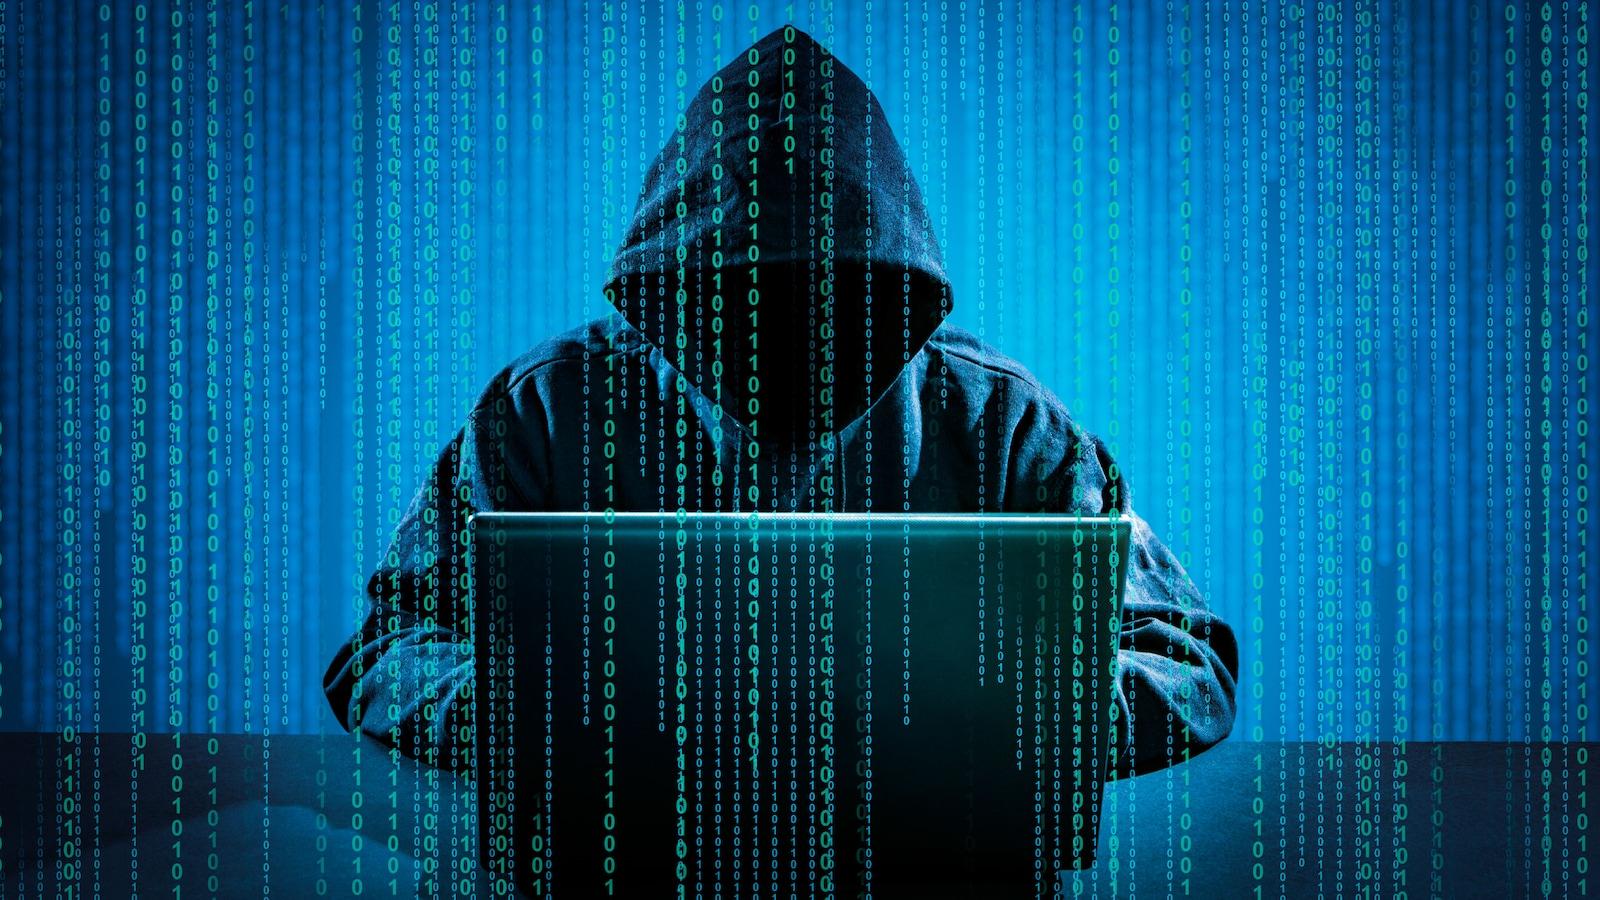 La lutte contre la cybercriminalité représente un défi de taille.